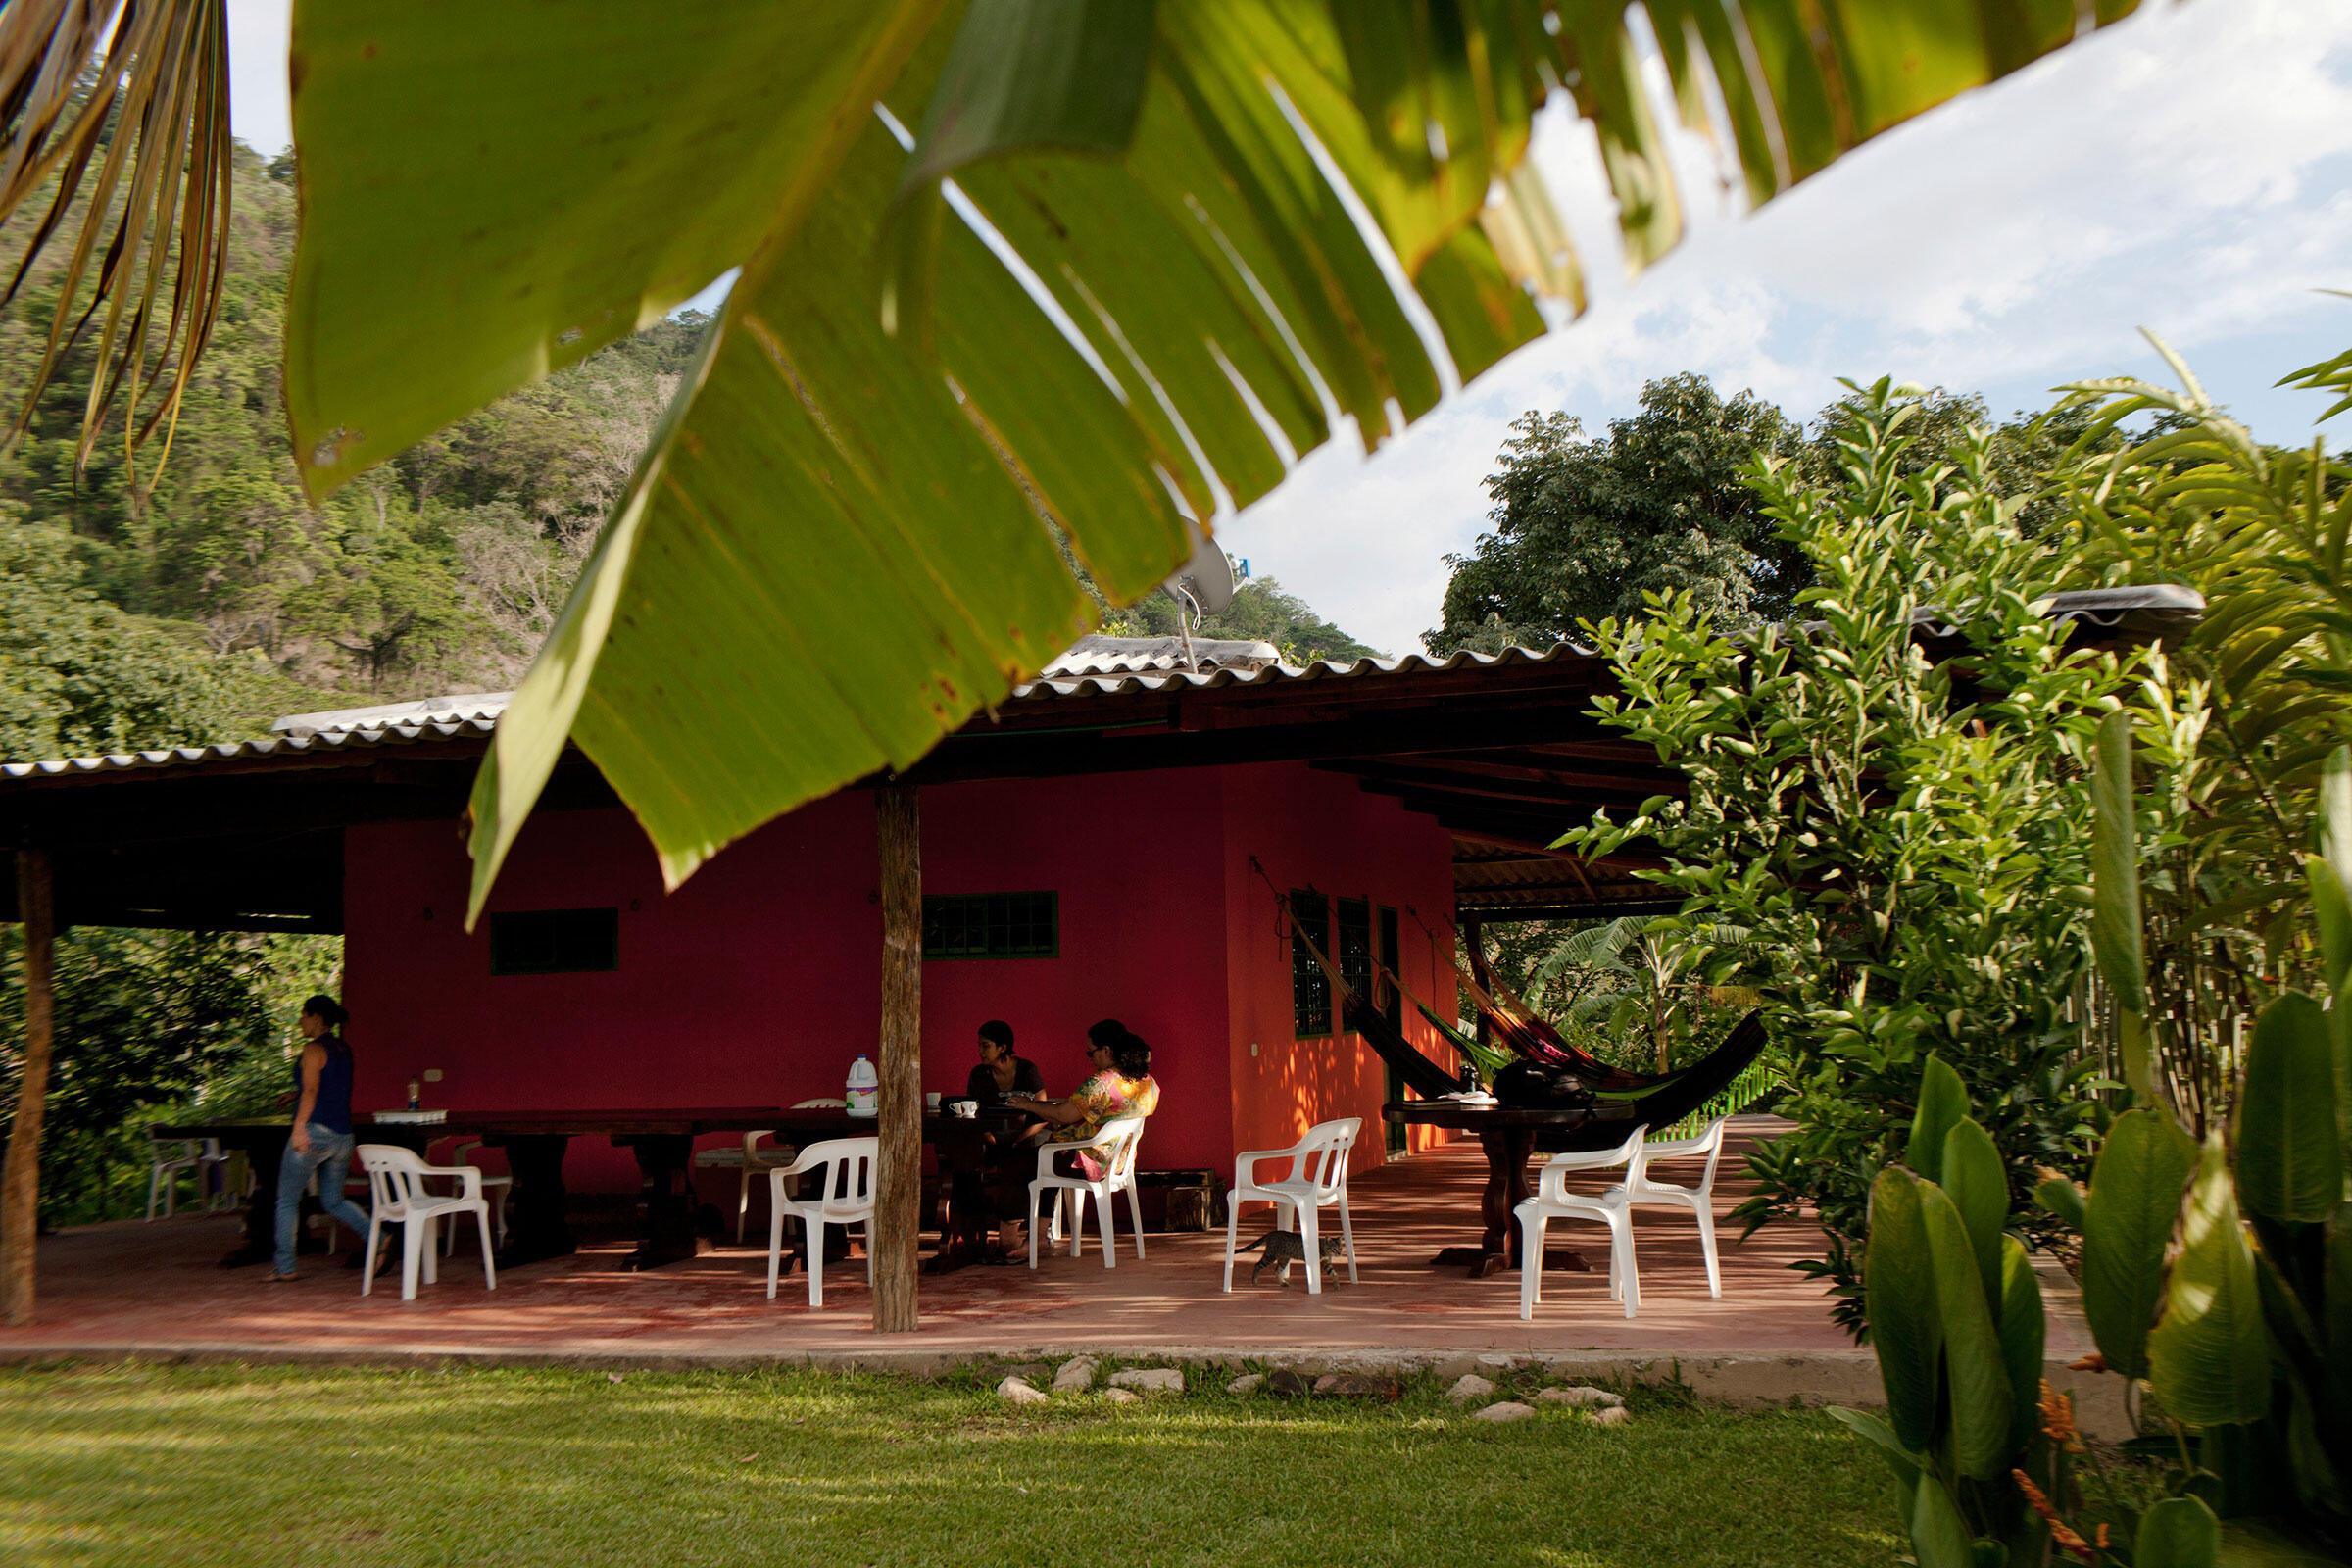 Los biólogos colombianos Gloria Lentijo y Patricia Falk planean la expedición de avistaje de aves del día siguiente en la terraza en Villa Adelaida. Carlos Villalón